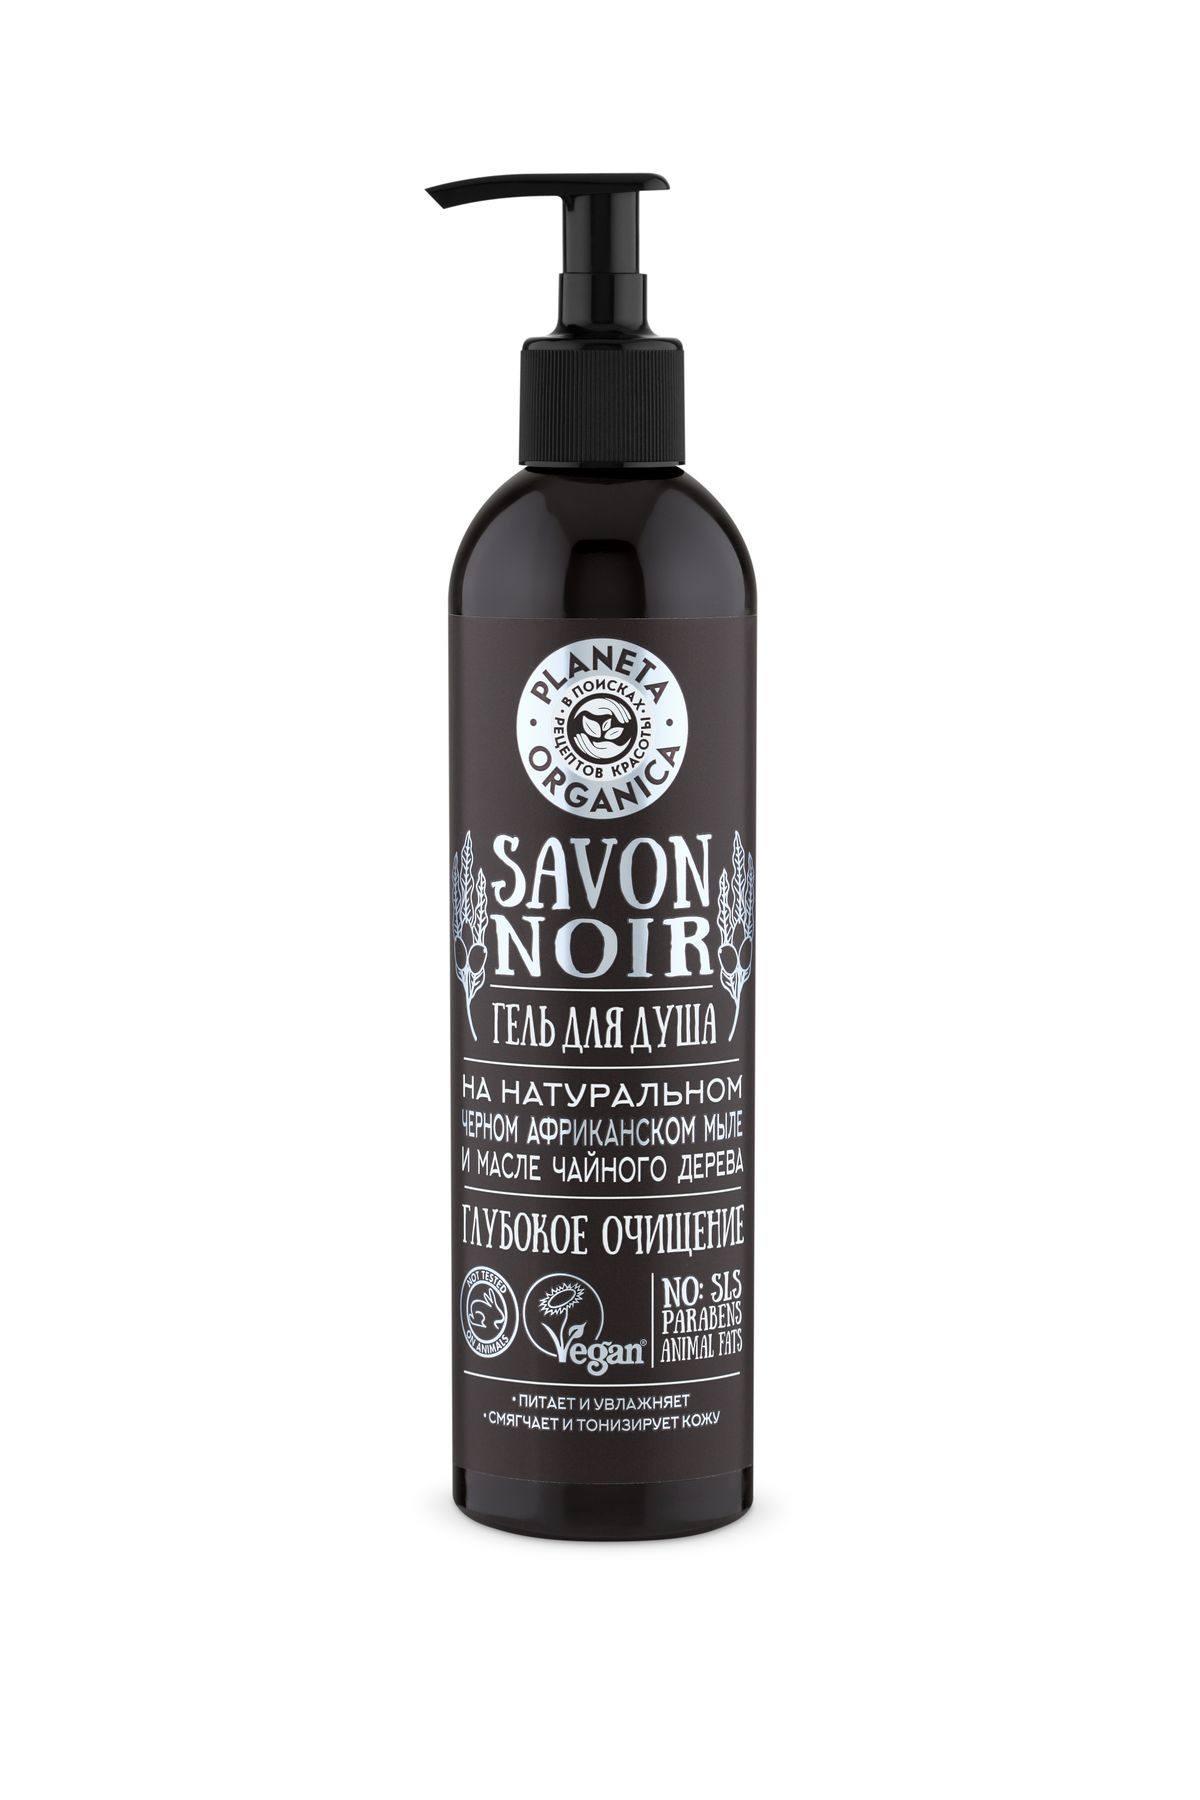 Купить Planeta Organica Savon de Гель для душа глубокое очищение Savon Noir, 400 мл (shop: Organic-shops Organic shops)